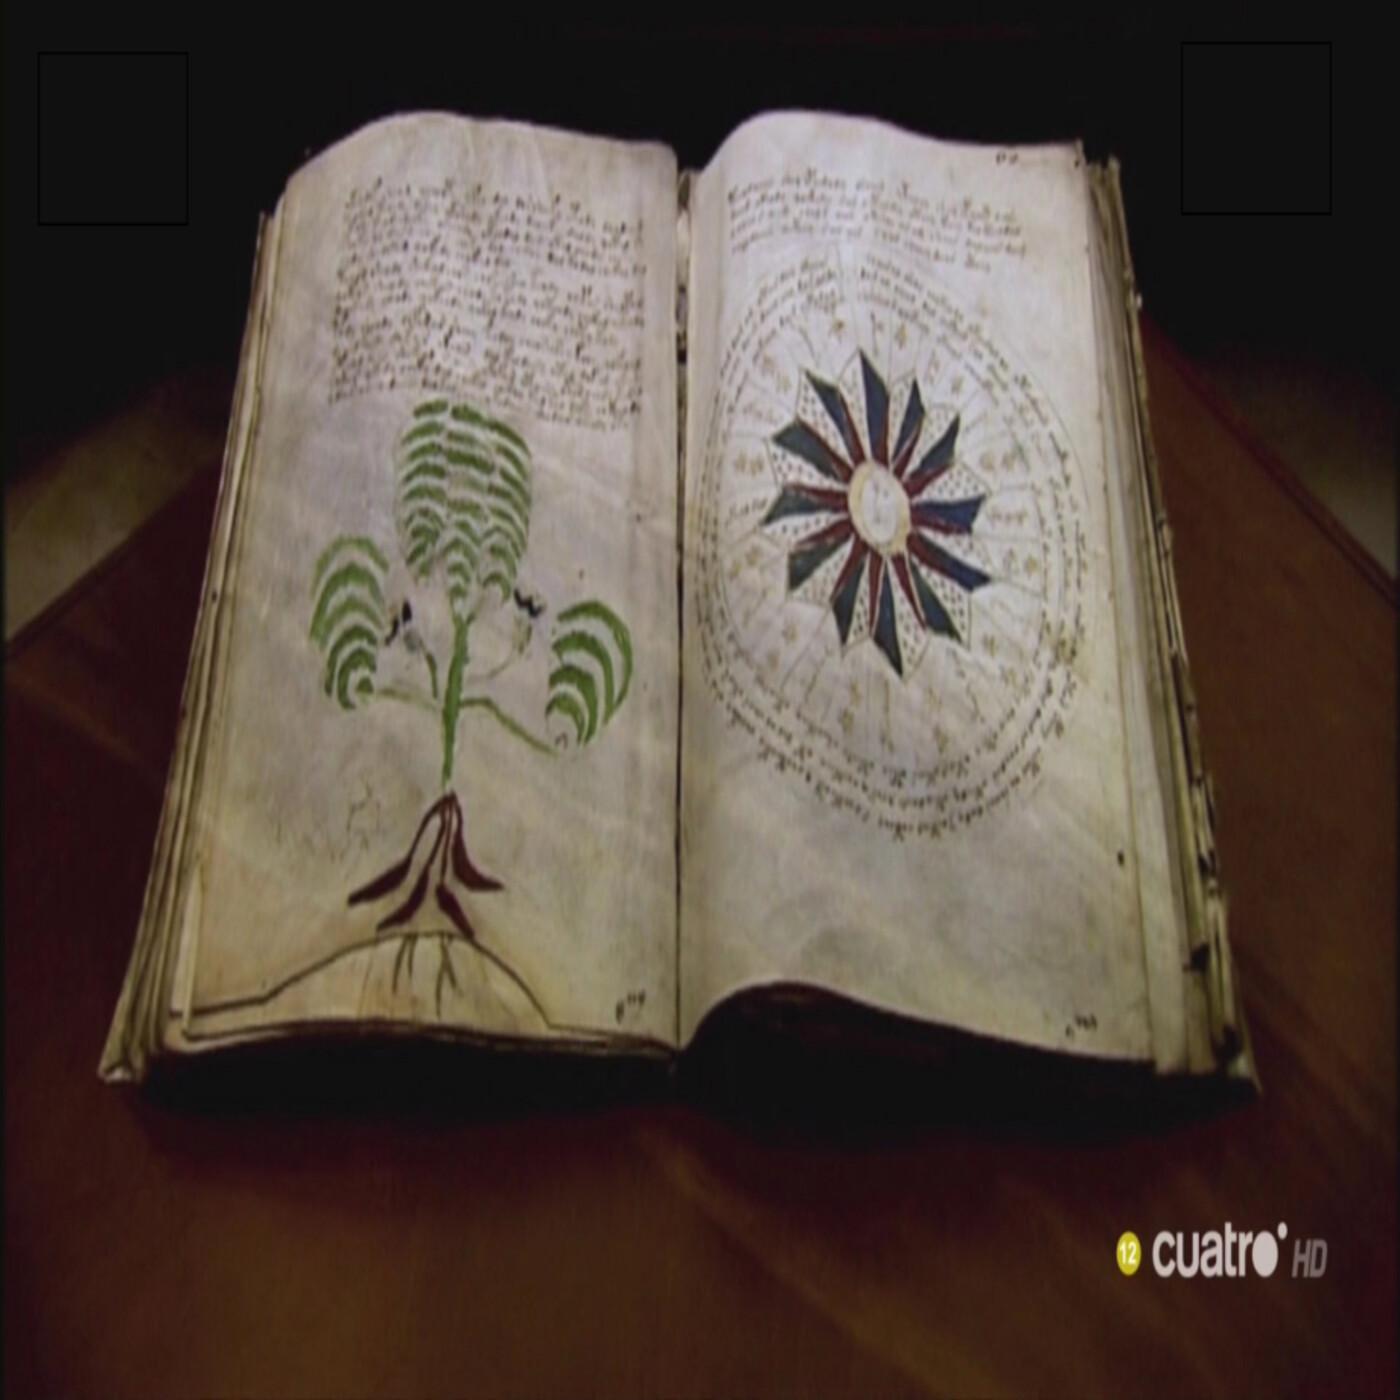 Cuarto Milenio: Los enigmas del Manuscrito Voynich (2007)